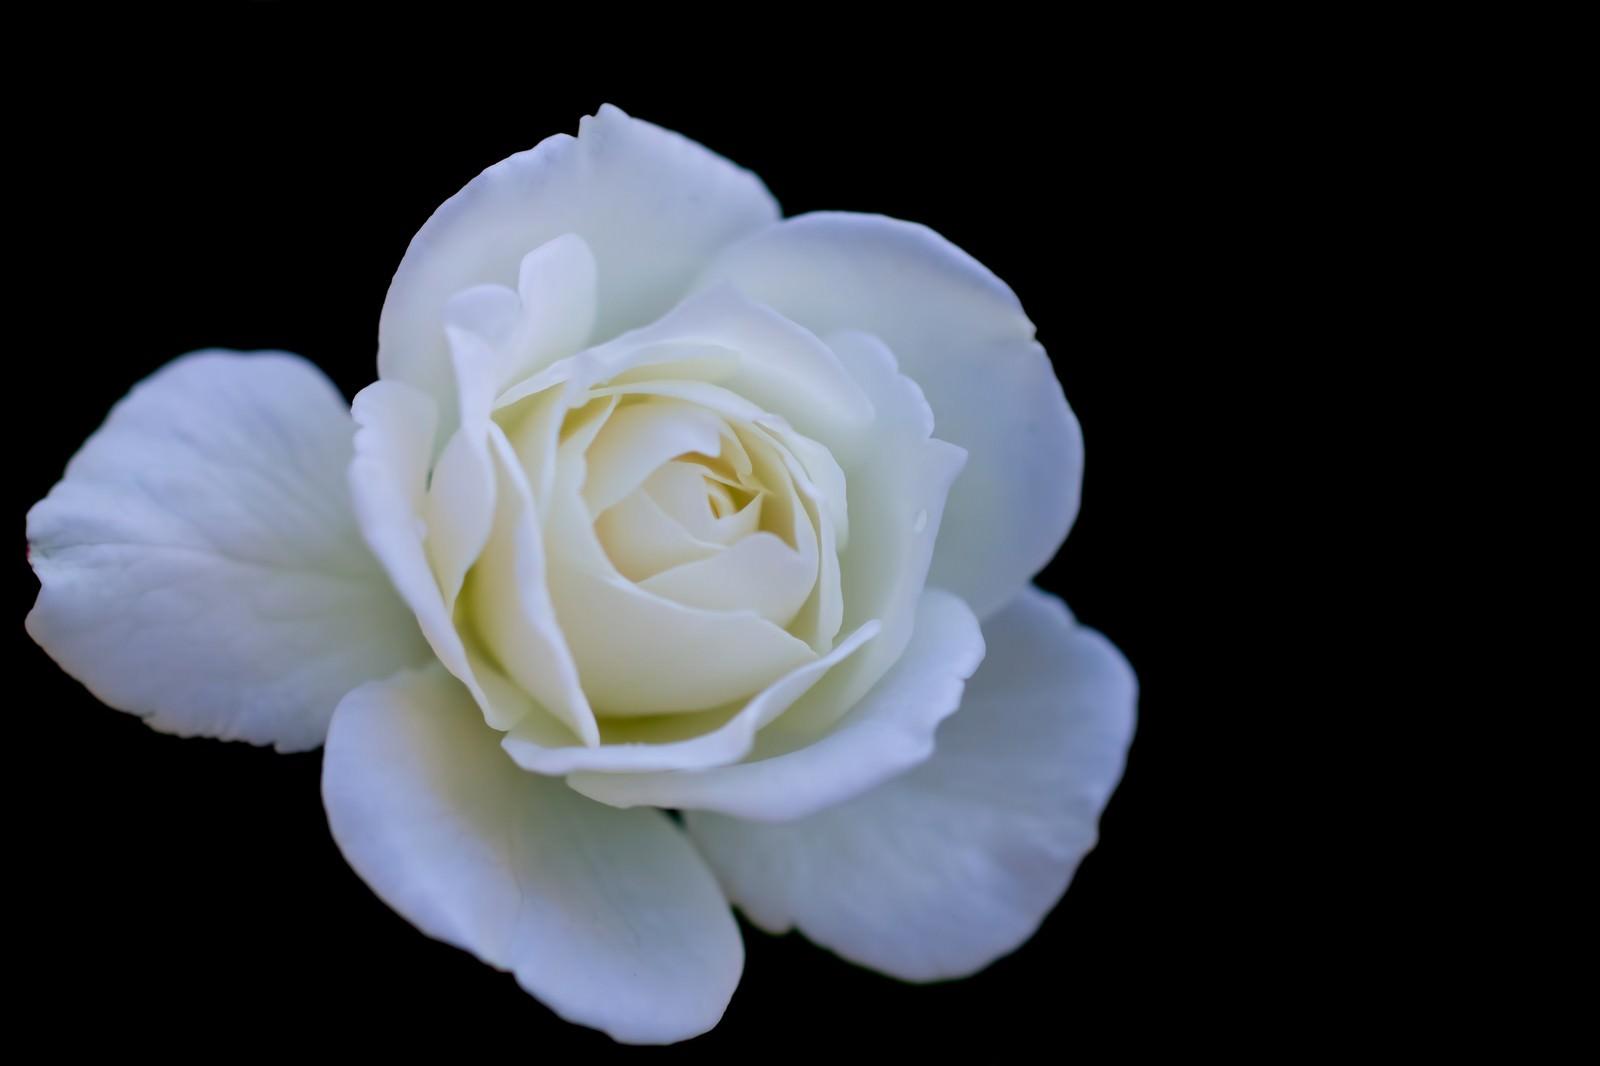 「シュネービッチェンの薔薇」の写真